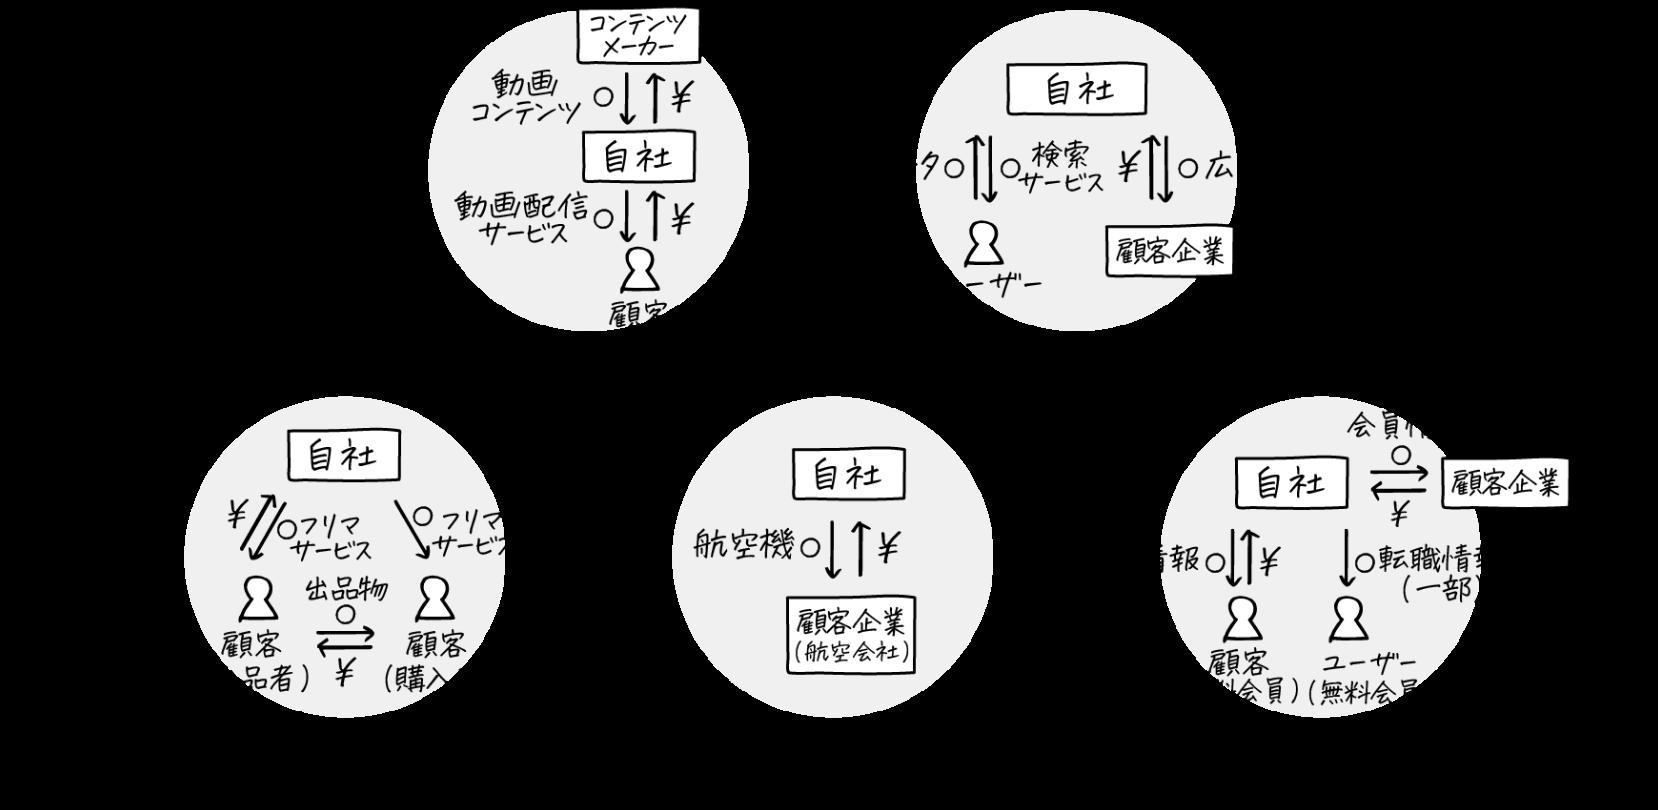 ビジネスモデルのイメージ図